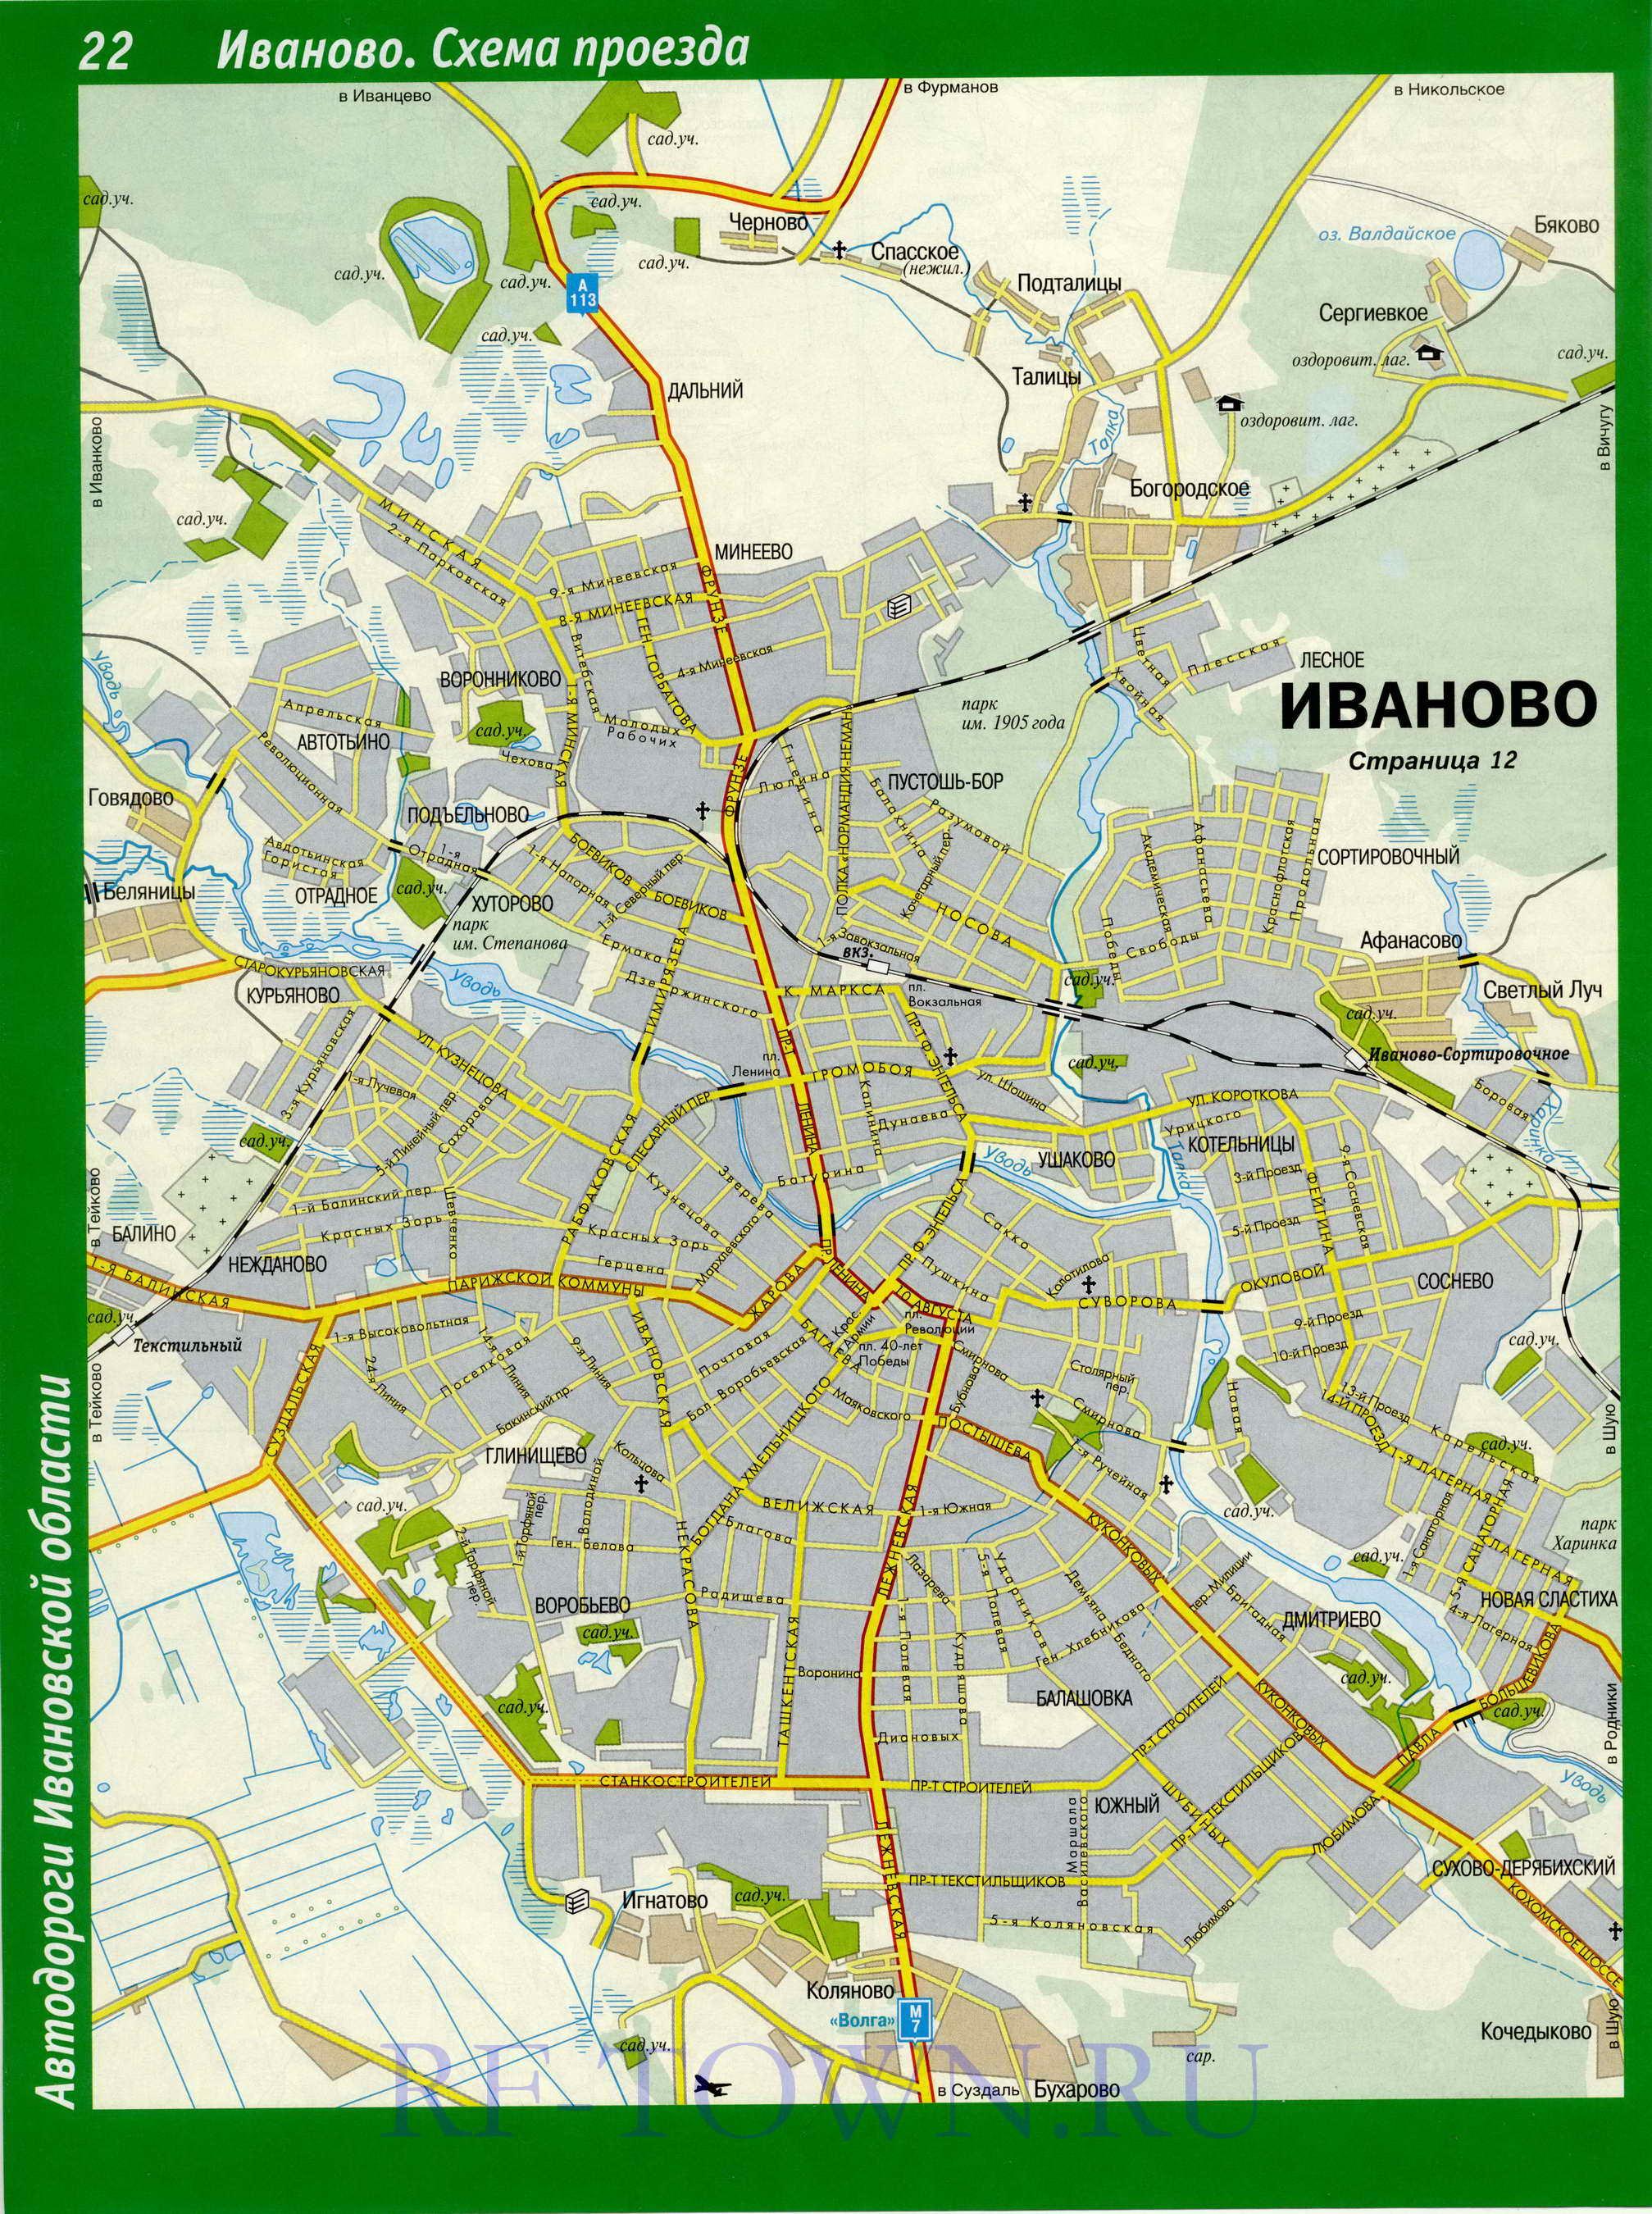 Названиями улиц. Скачать бесплатно подробные карты районов Ивановской…